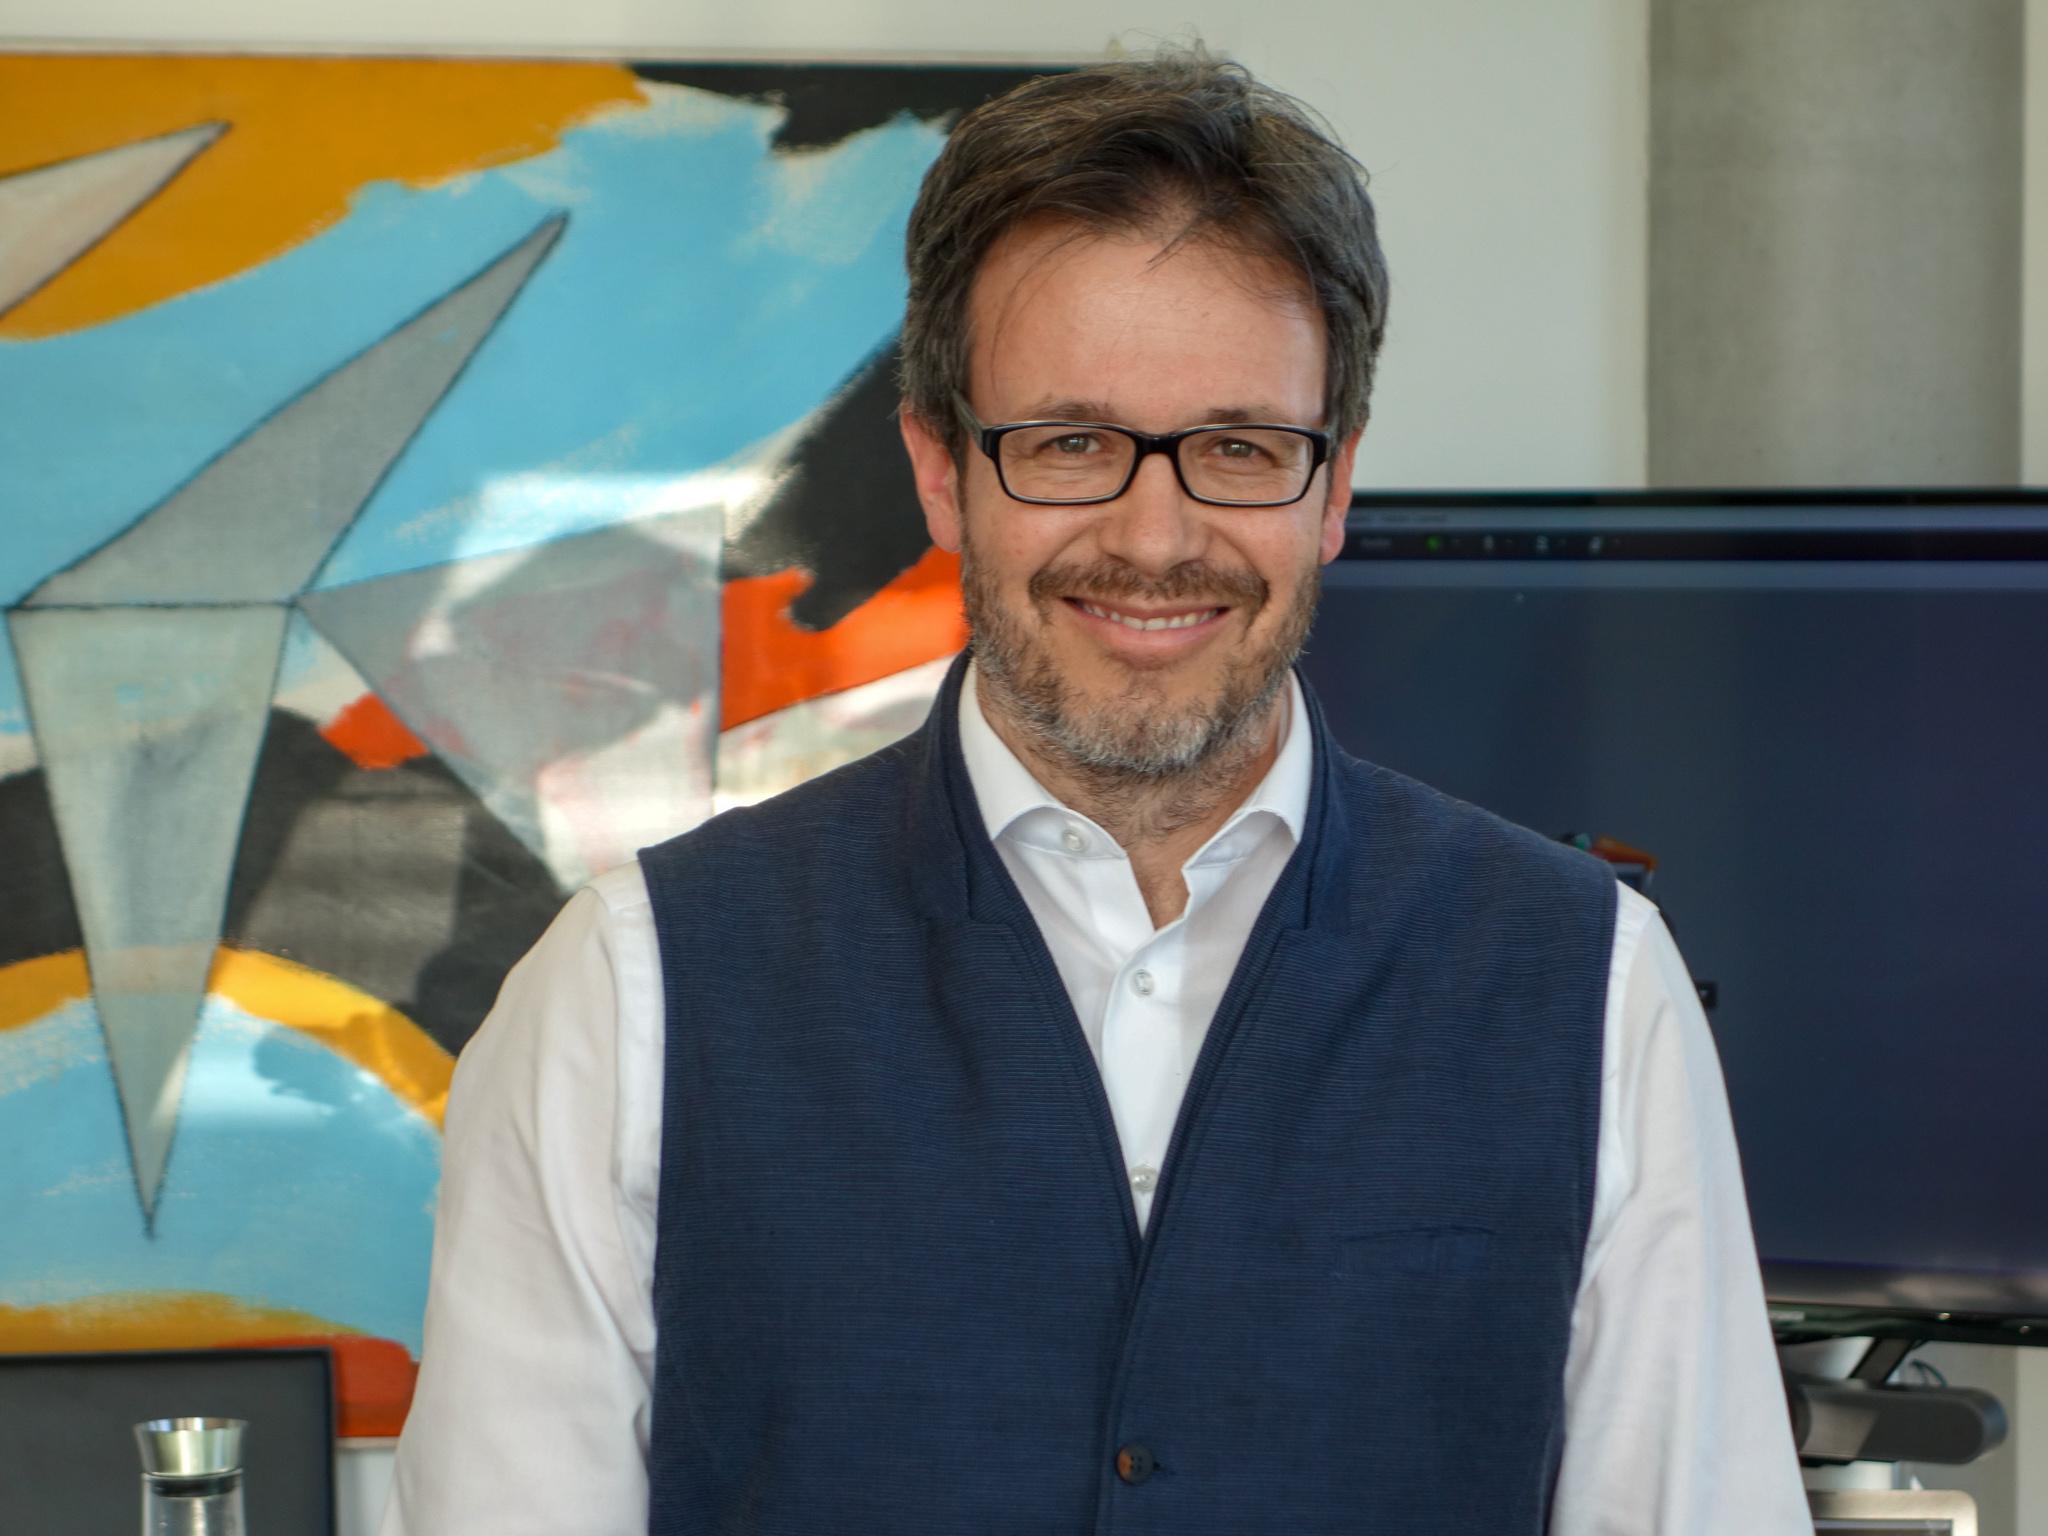 Rechtsanwalt Professor Michael Anton